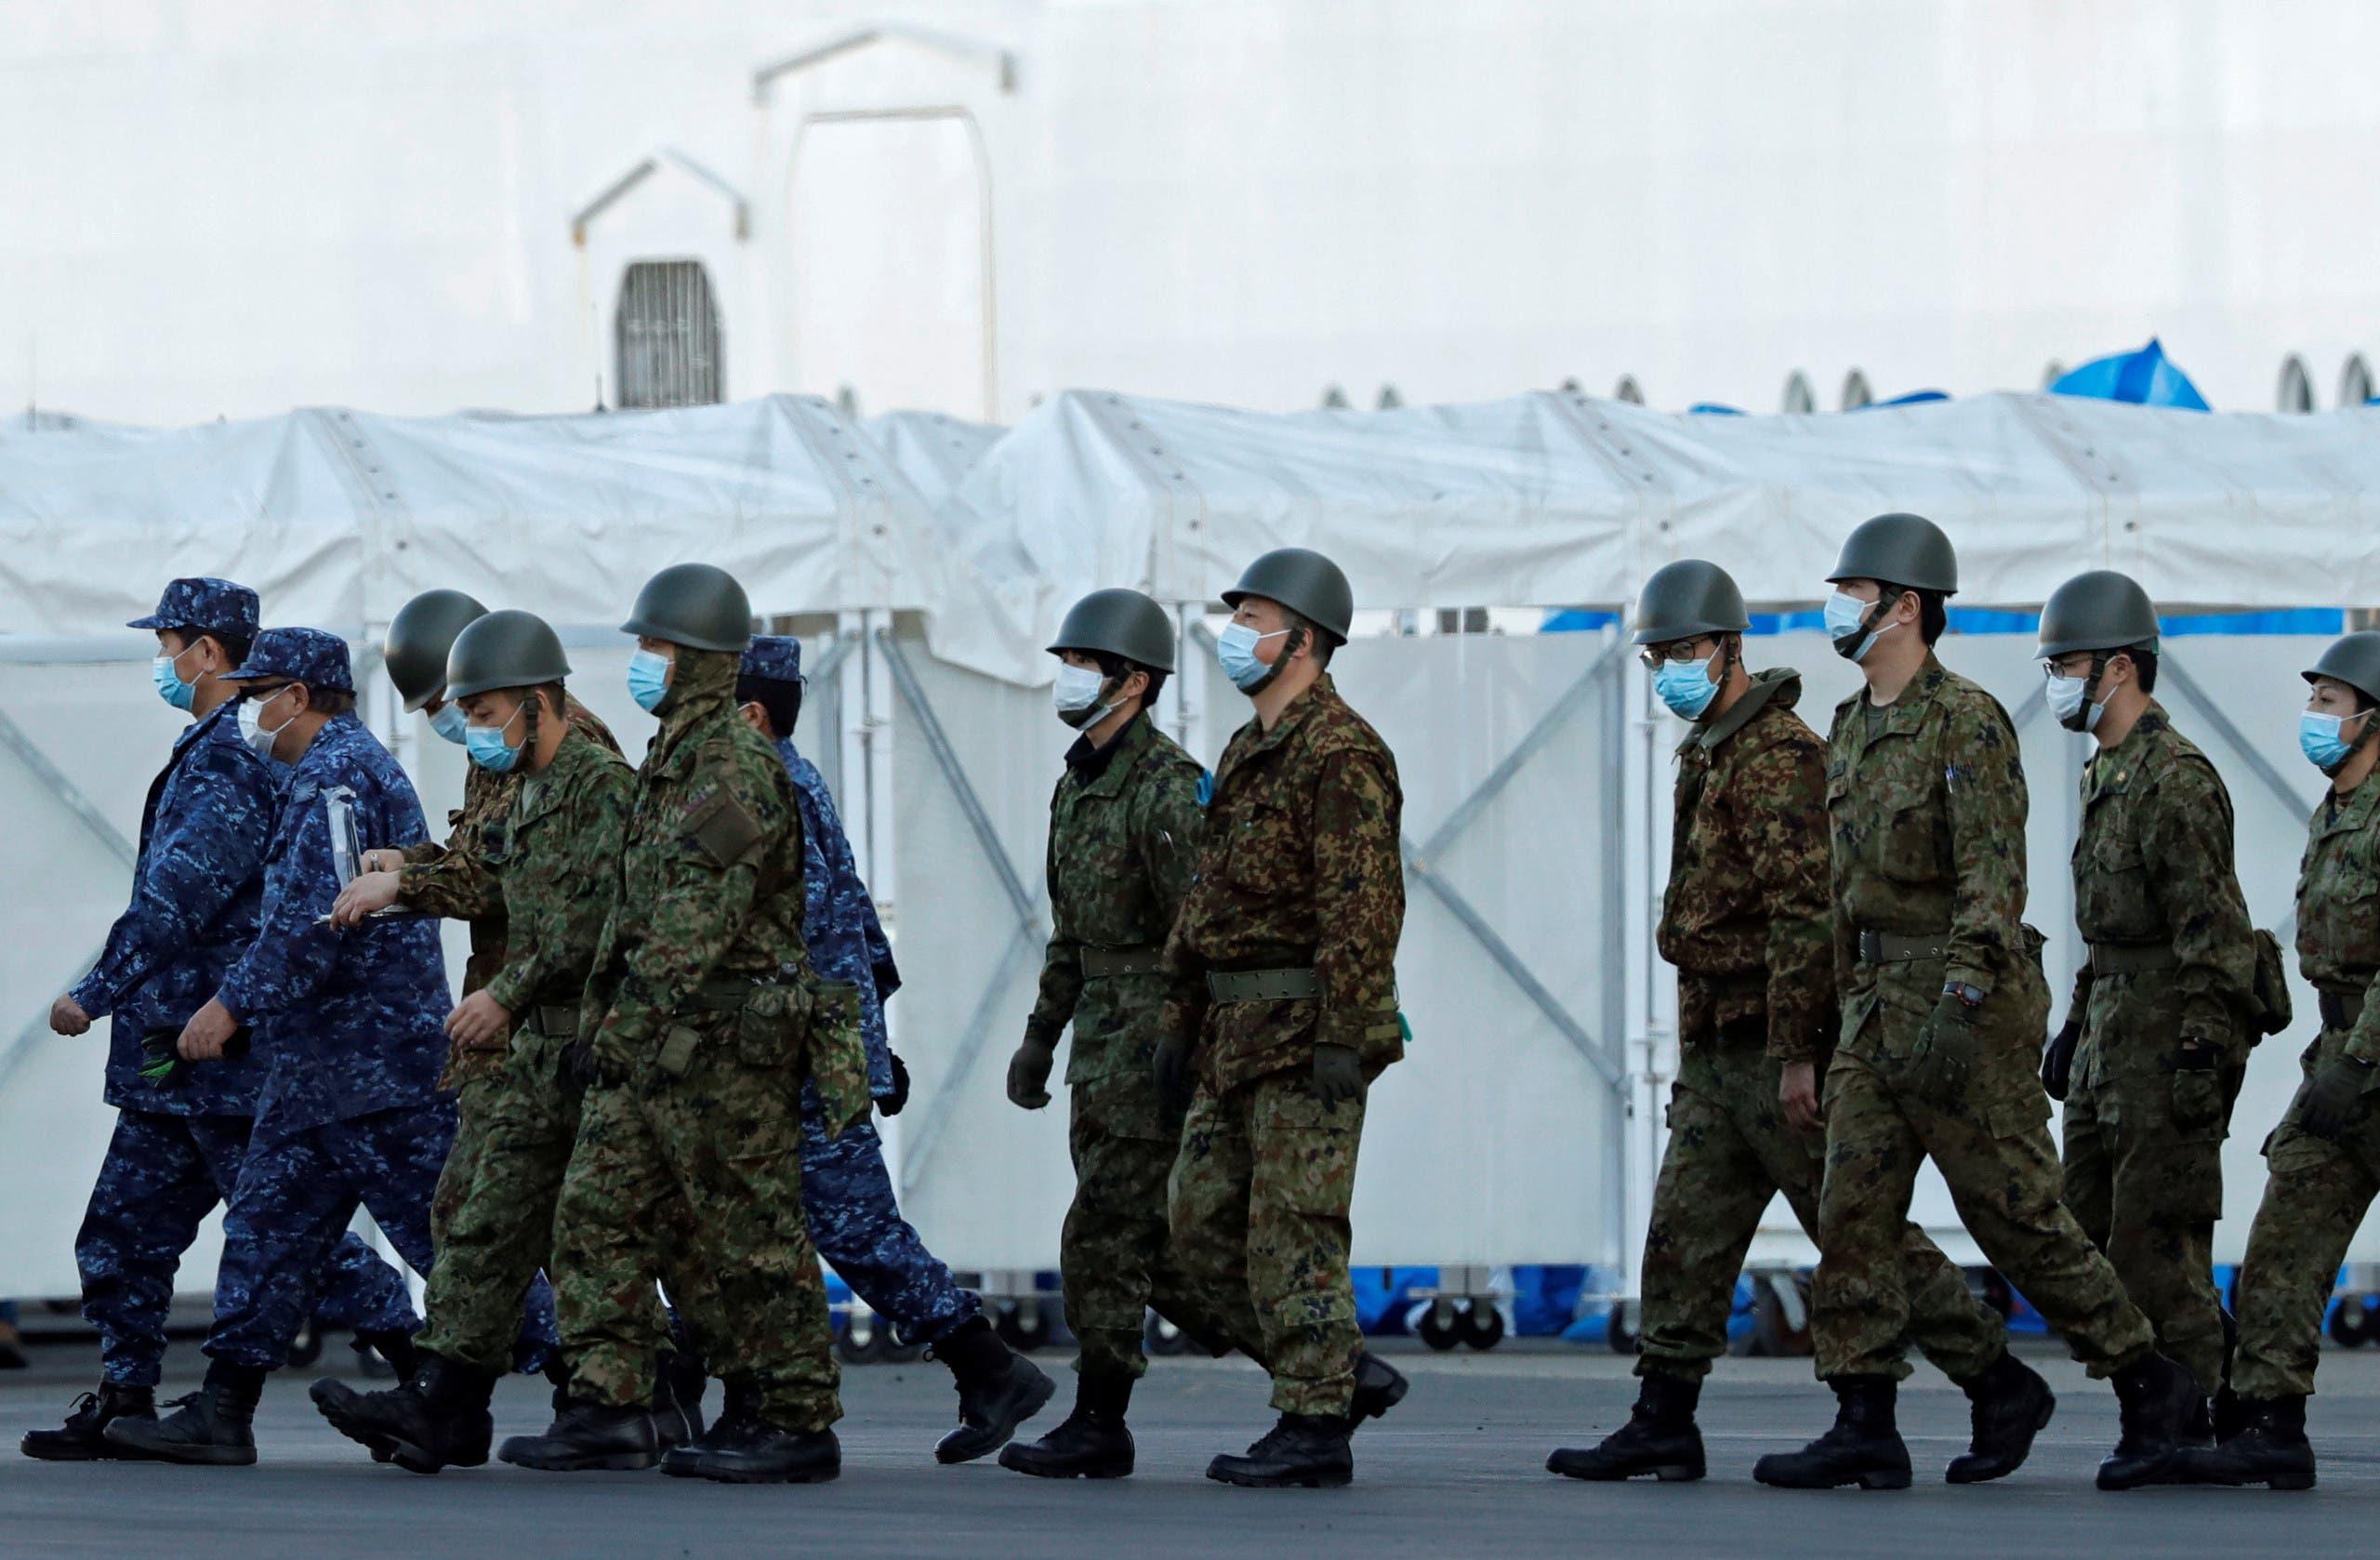 عناصر من الشرطة اليابانية بالقرب من السفينة